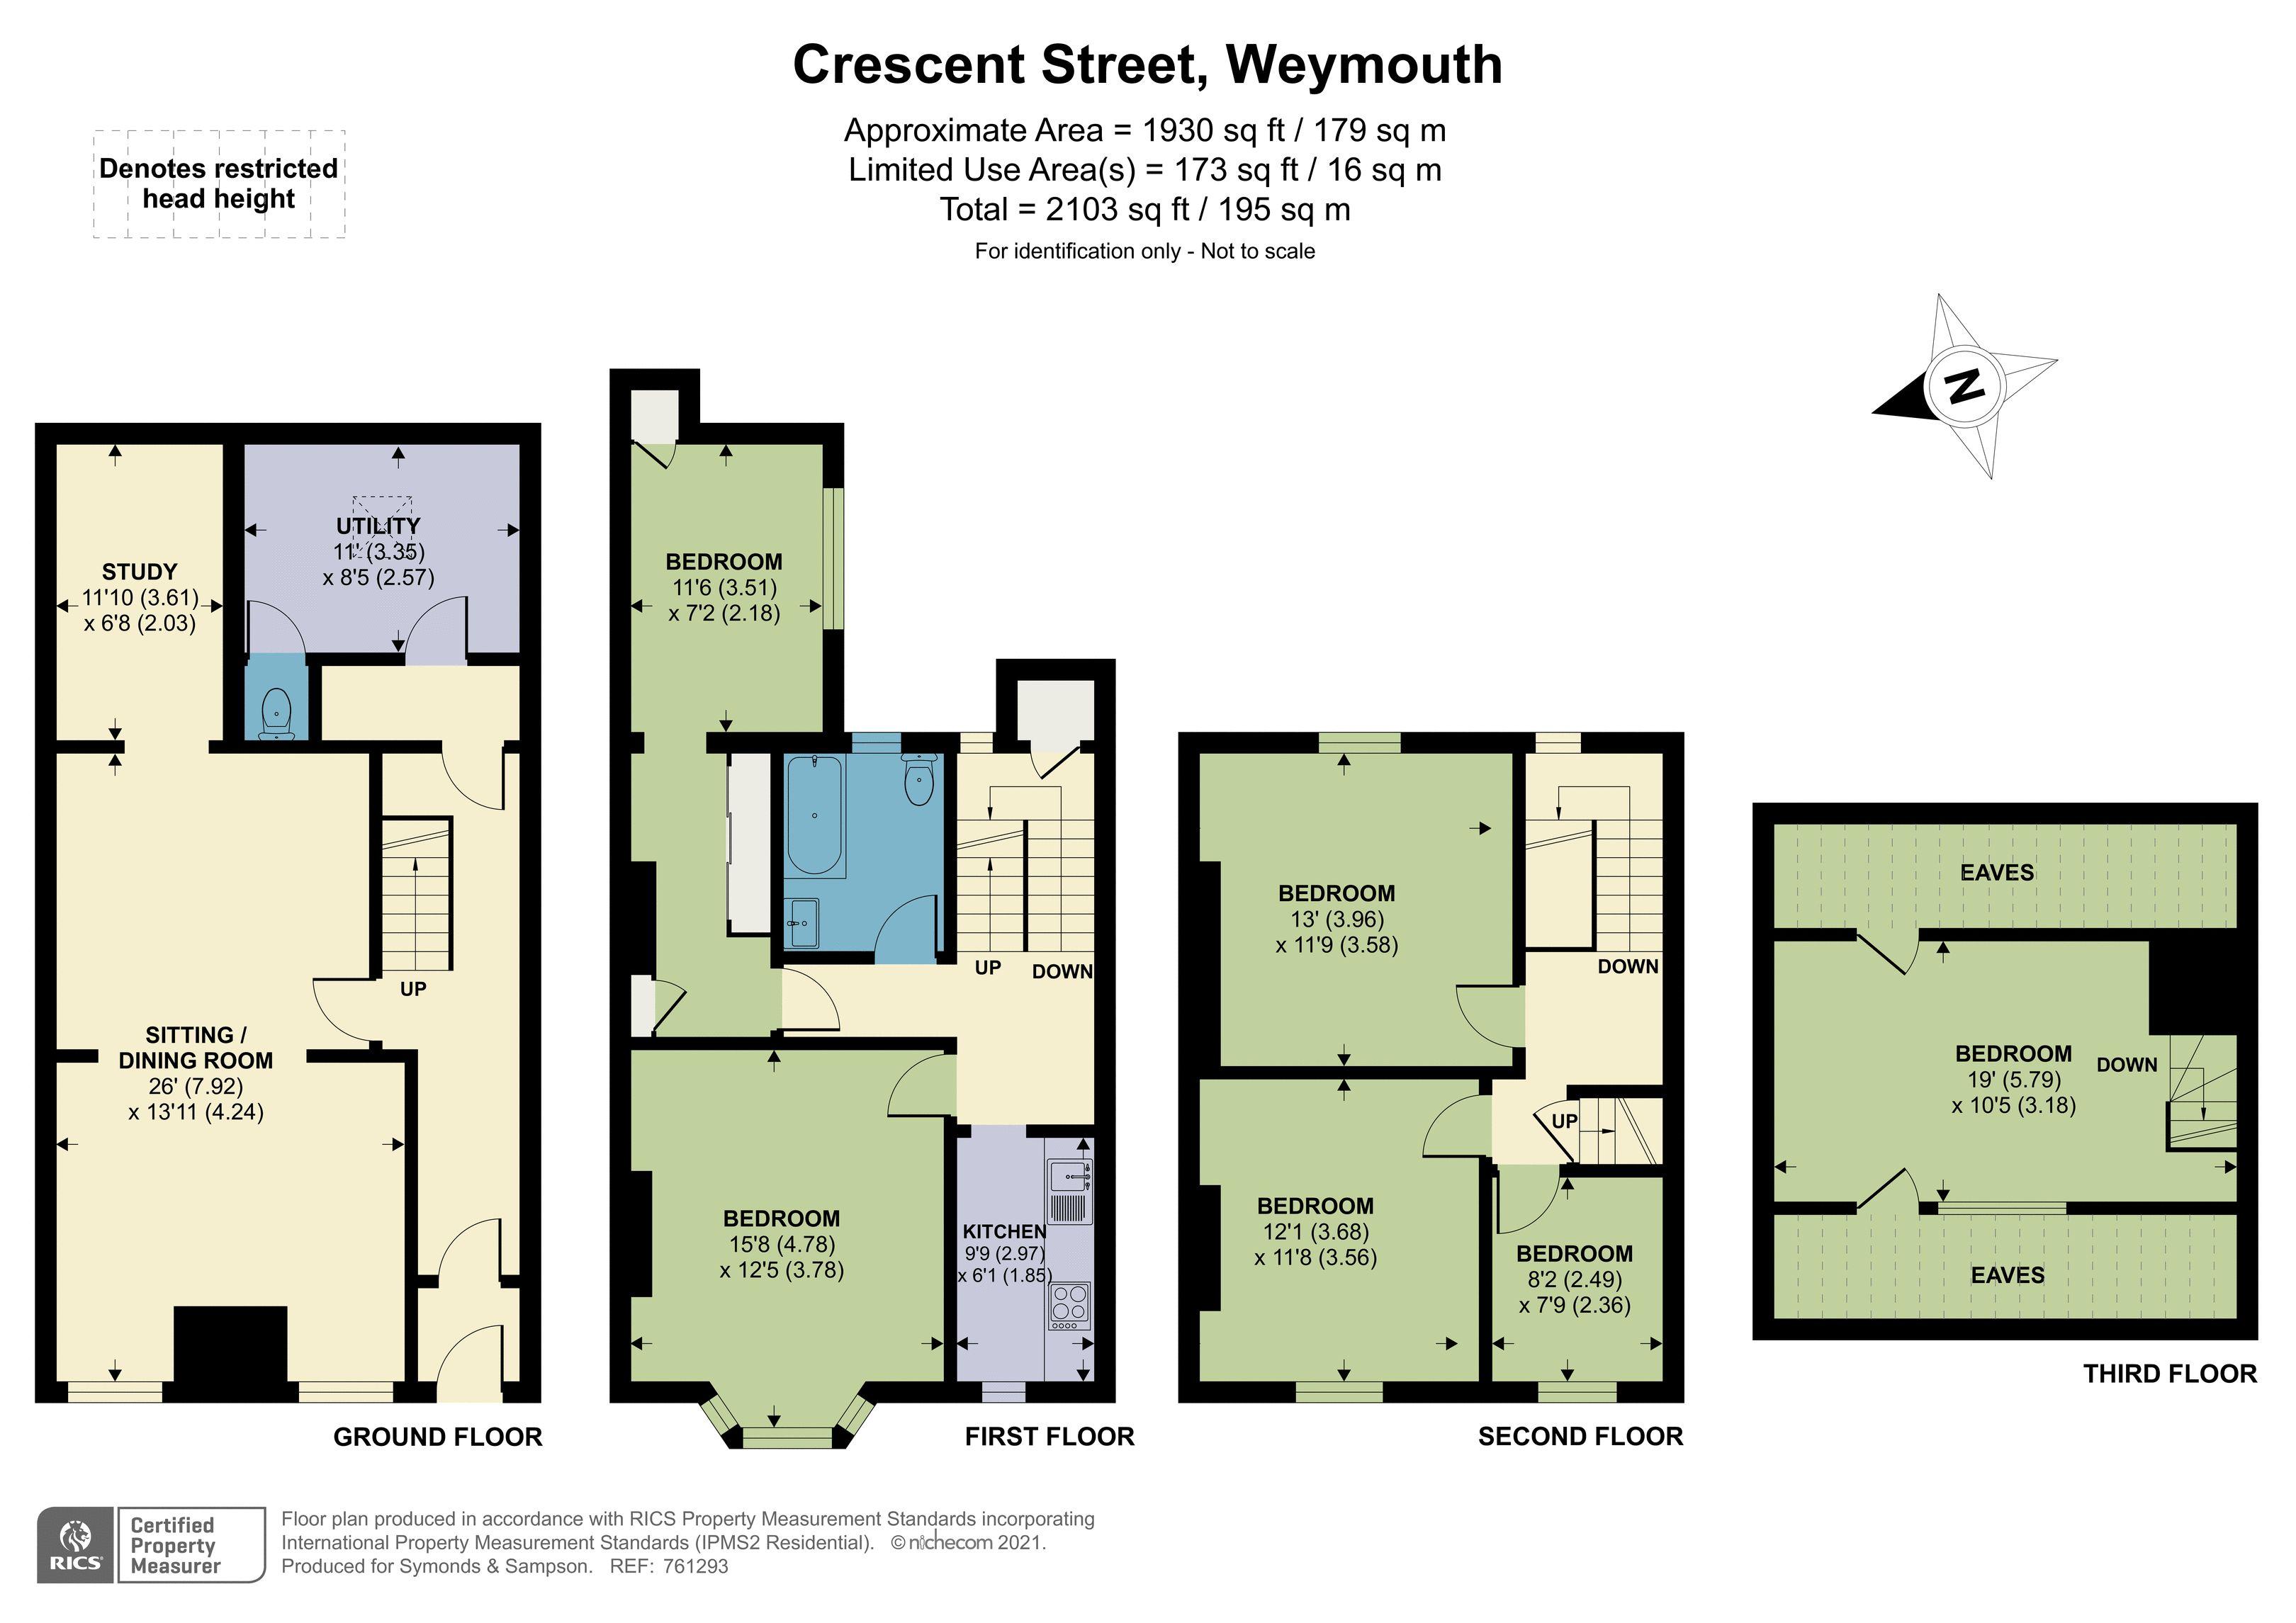 Floorplan - Crescent Street, Weymouth, Dorset, DT4 7BX